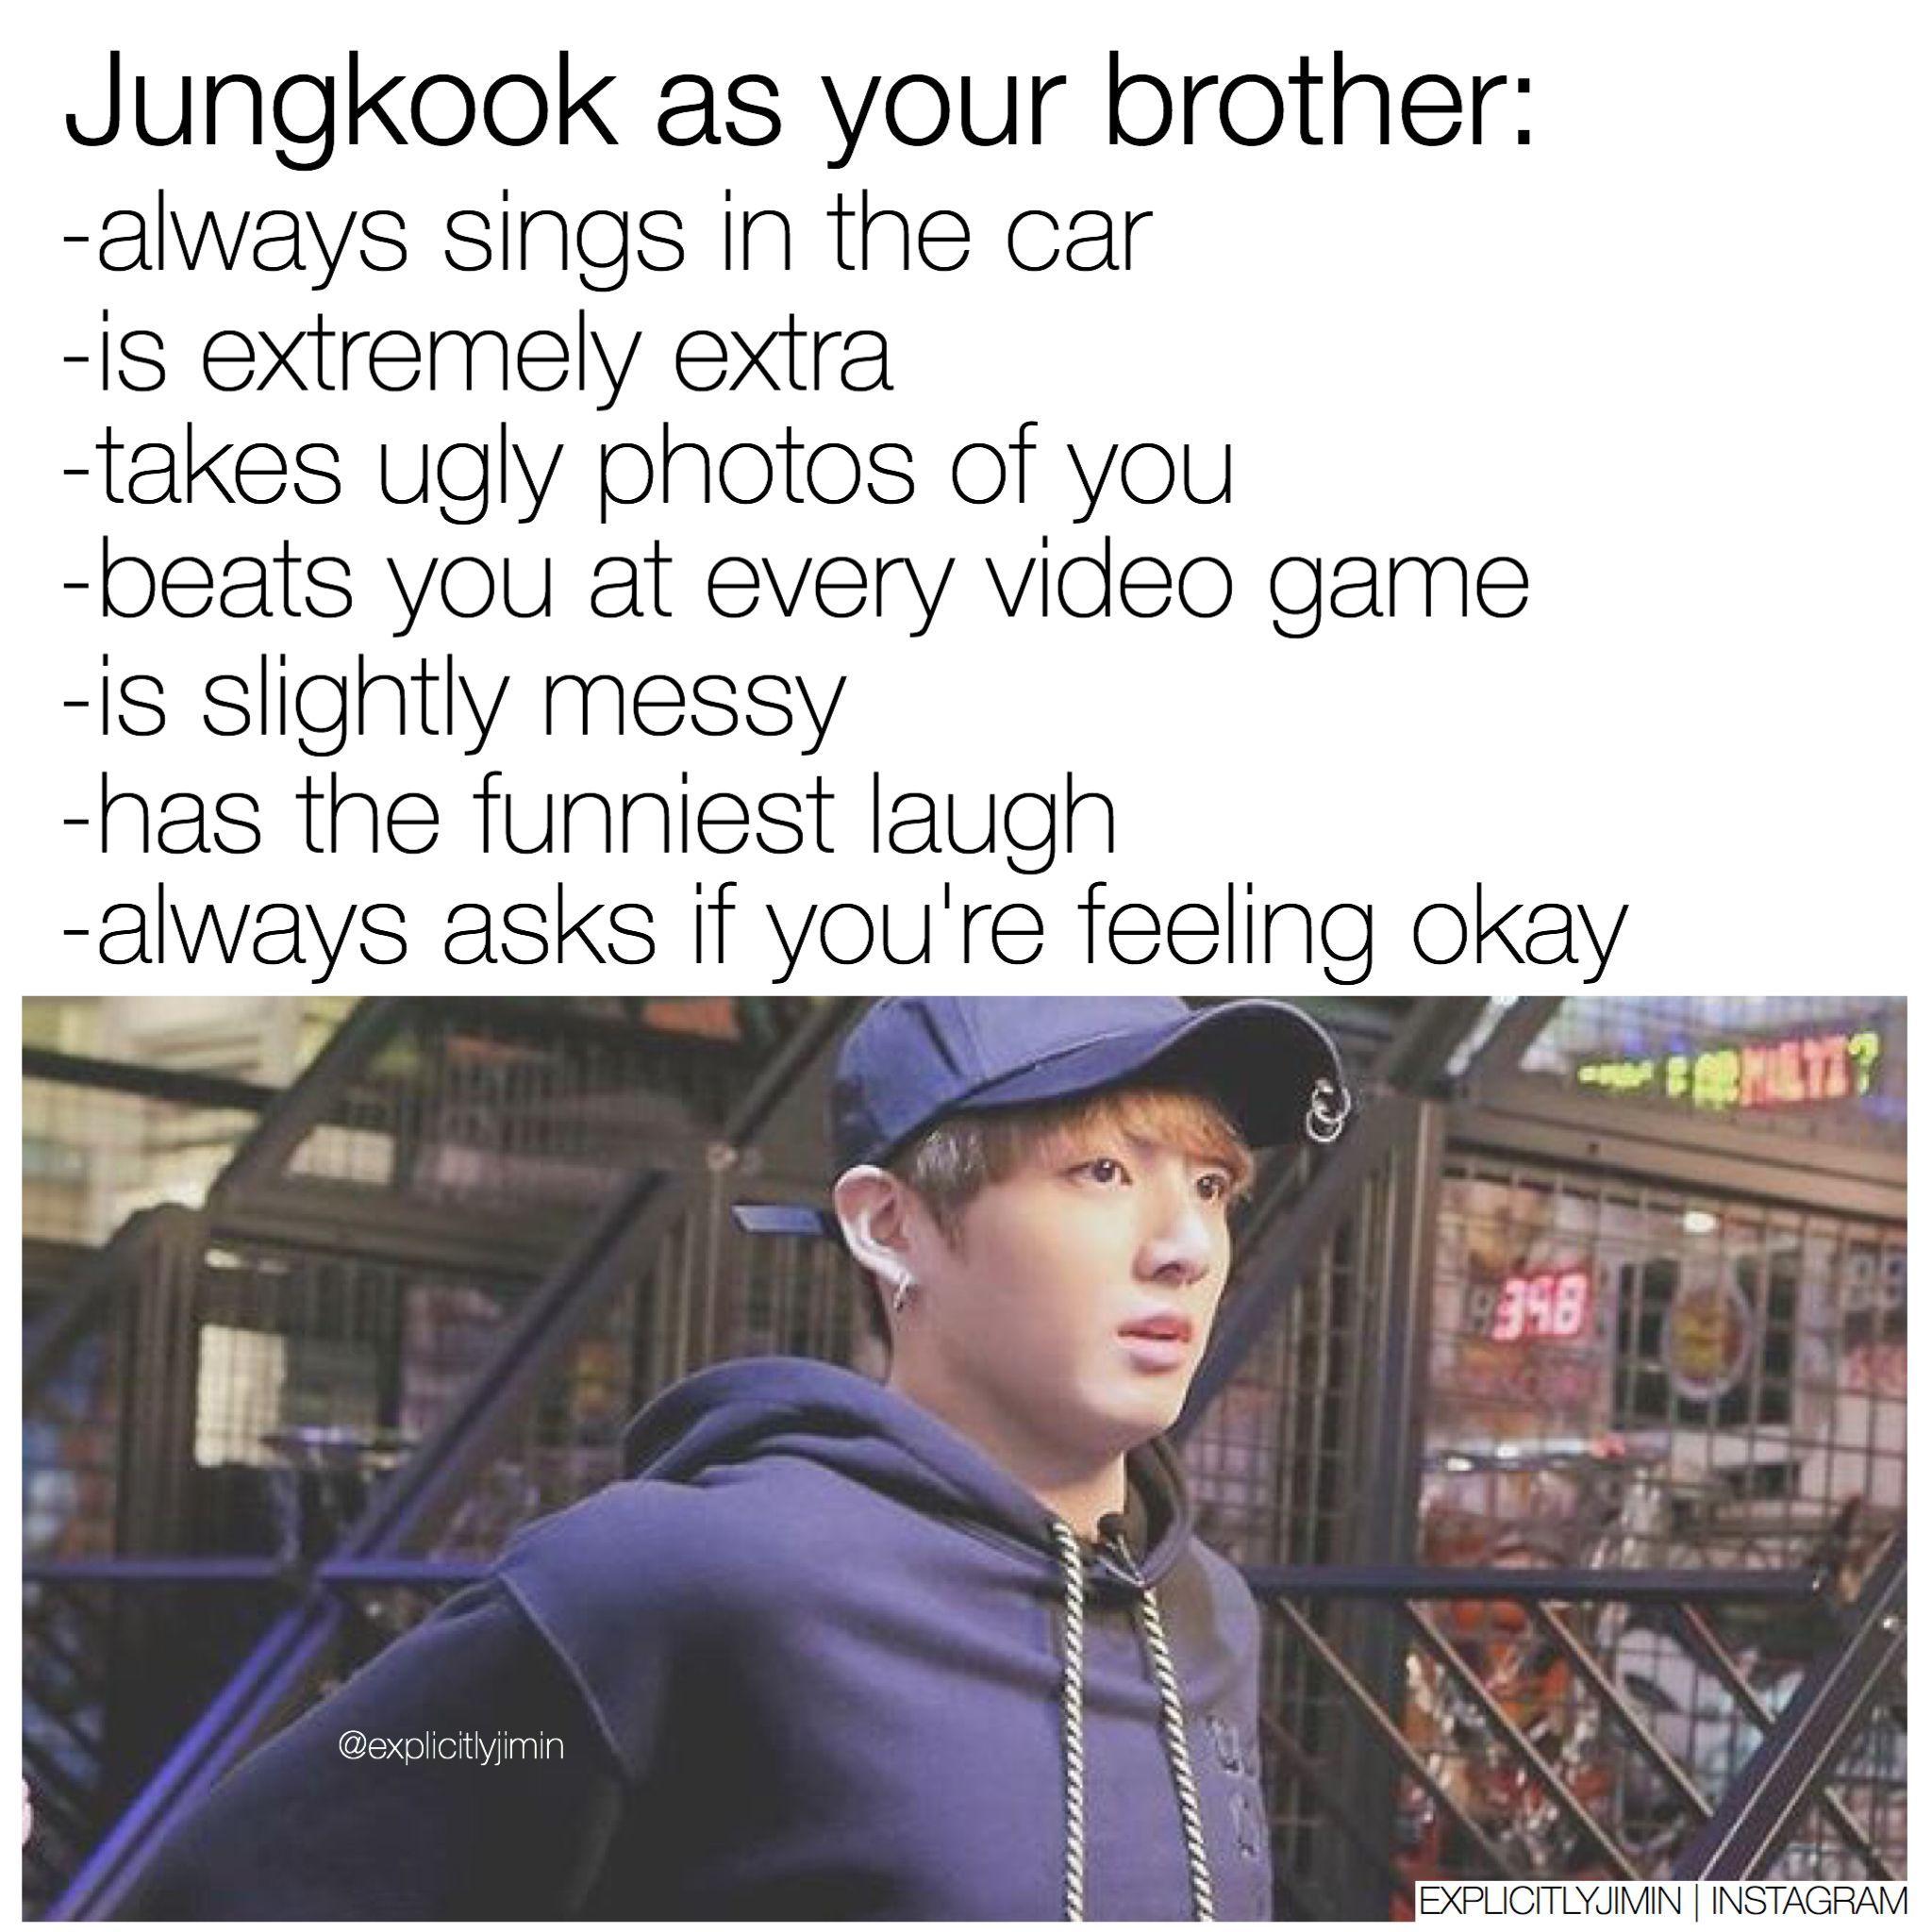 Jungkook bts imagine fanmade brother | kmemes | Pinterest